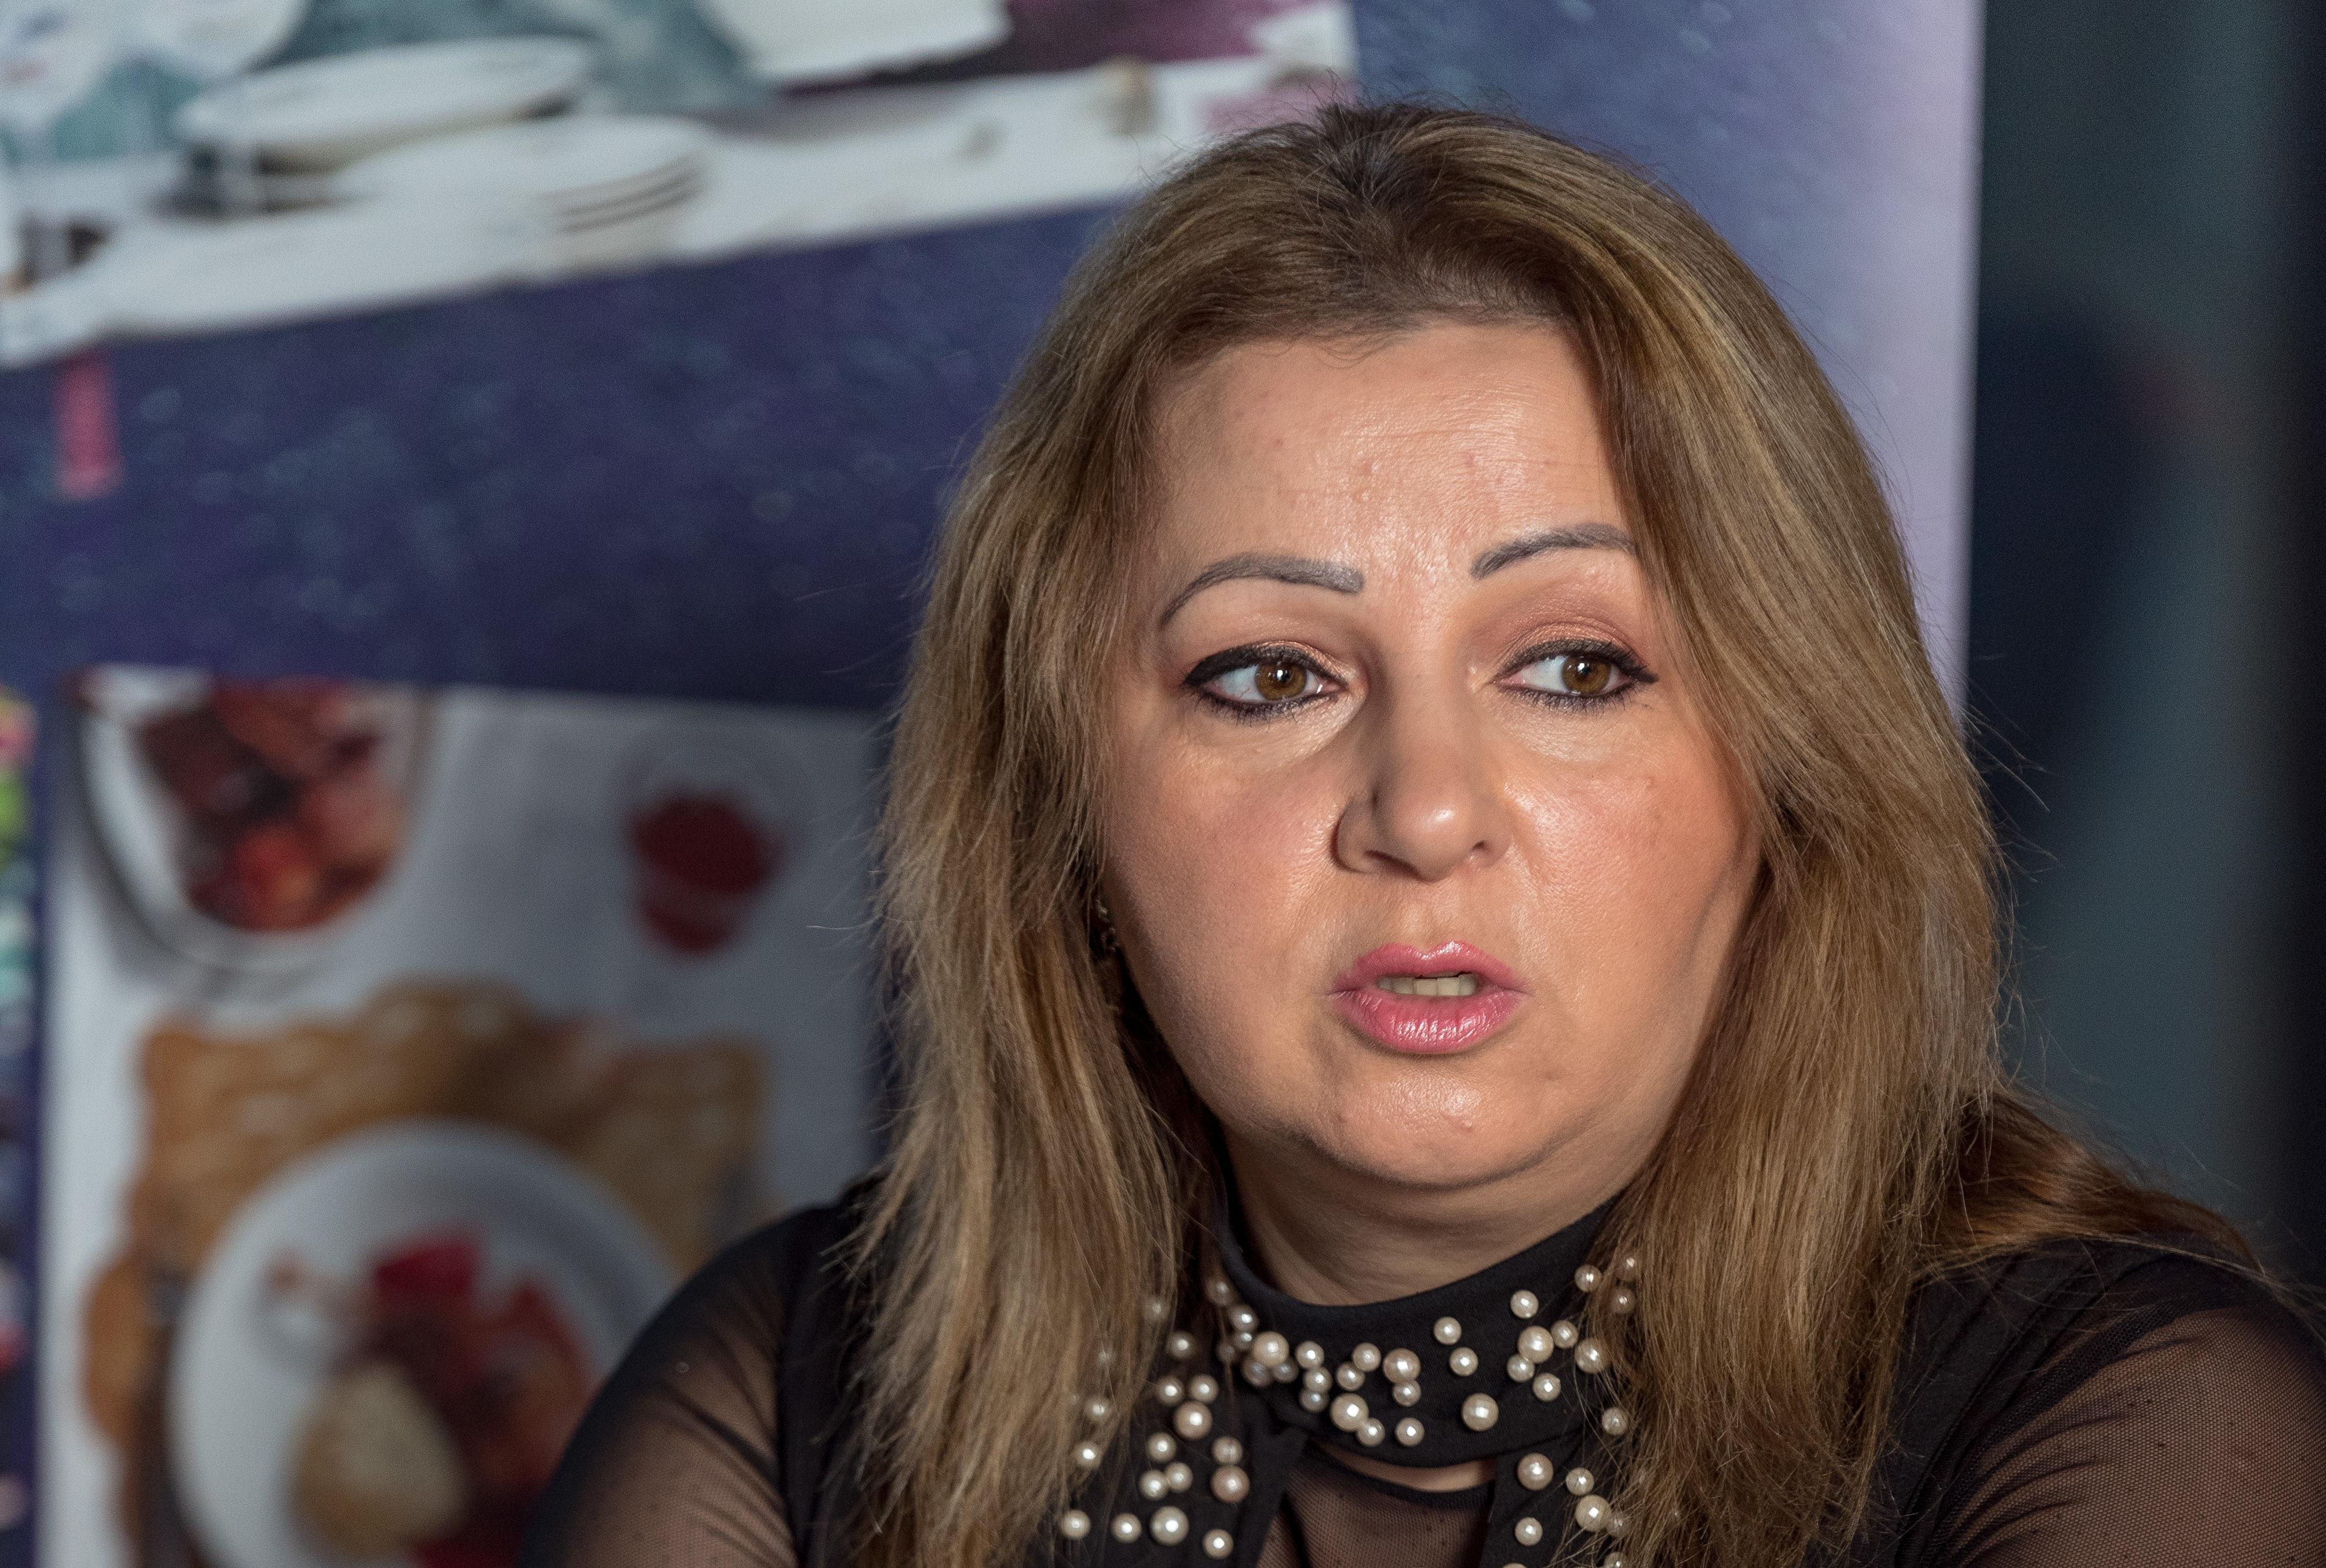 Gáspár Bea nem akar többet találkozni az életét megkeserítő nővel